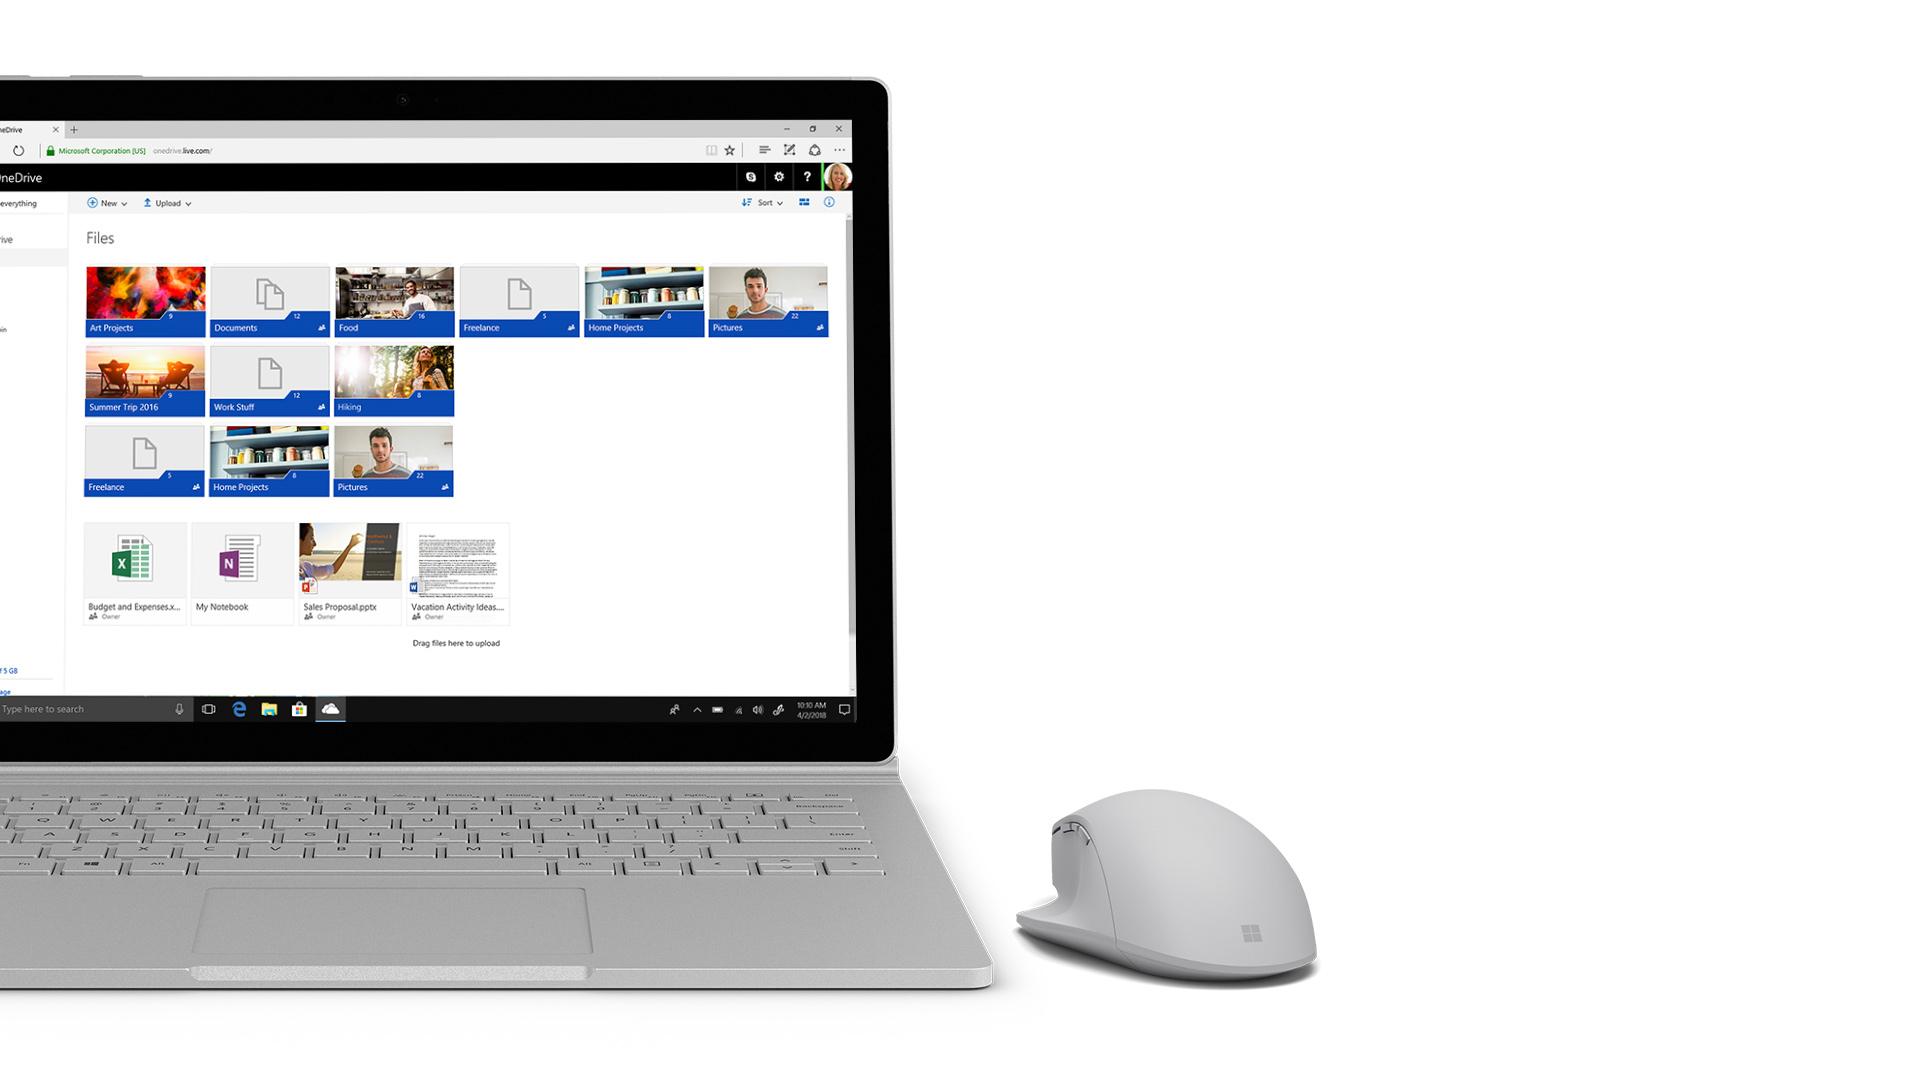 Surface 上の OneDrive のスクリーン ショット。